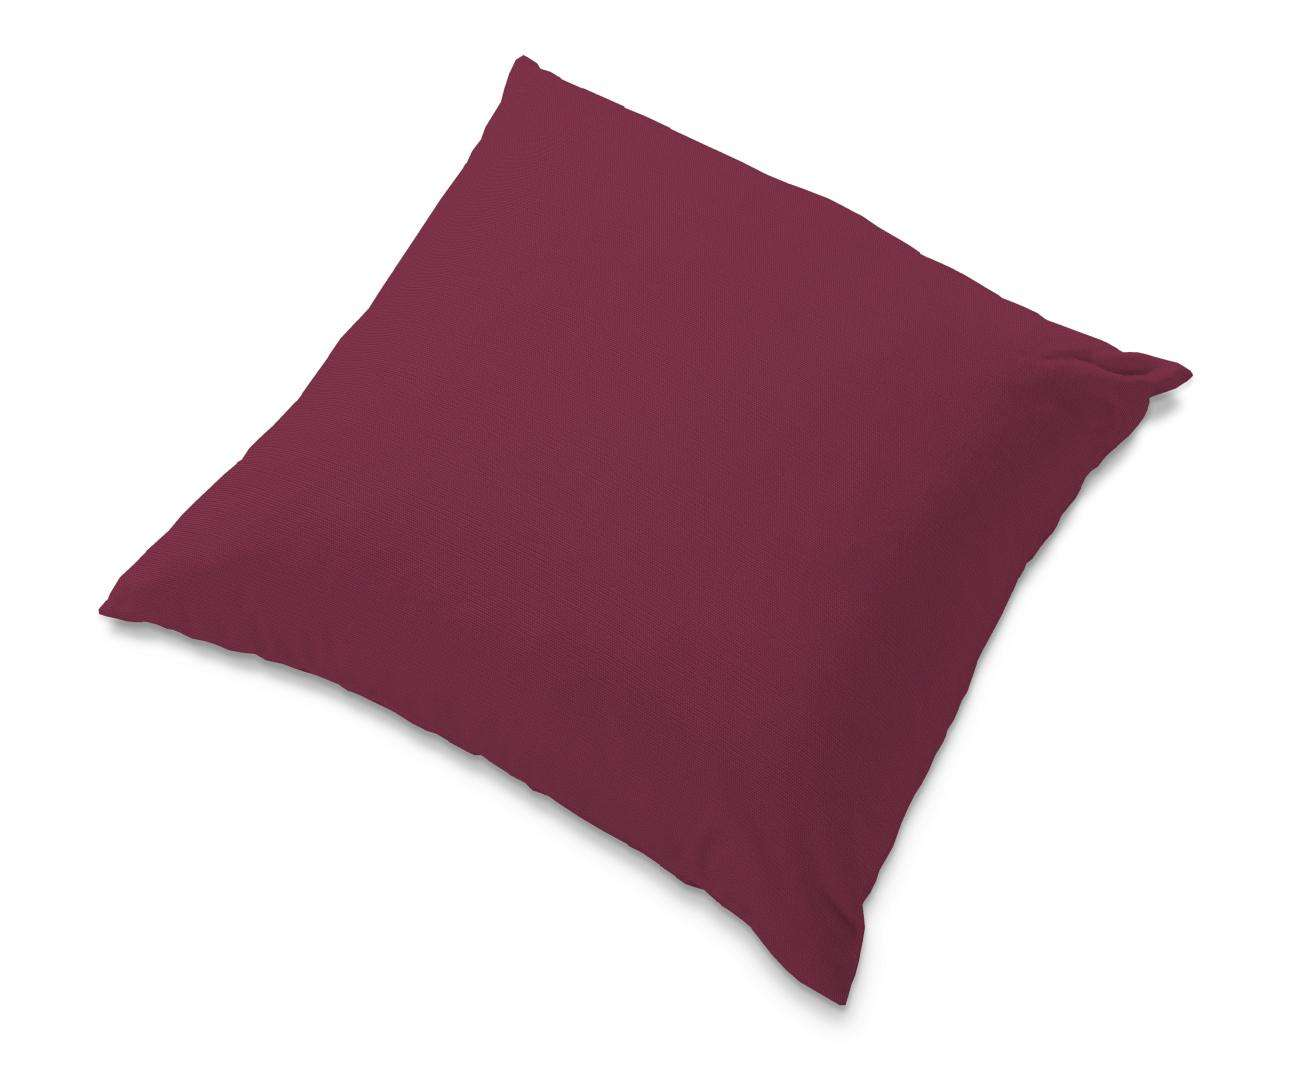 TOMELILLA pagalvėlės užvalkalas 55 x 55 cm kolekcijoje Cotton Panama, audinys: 702-32